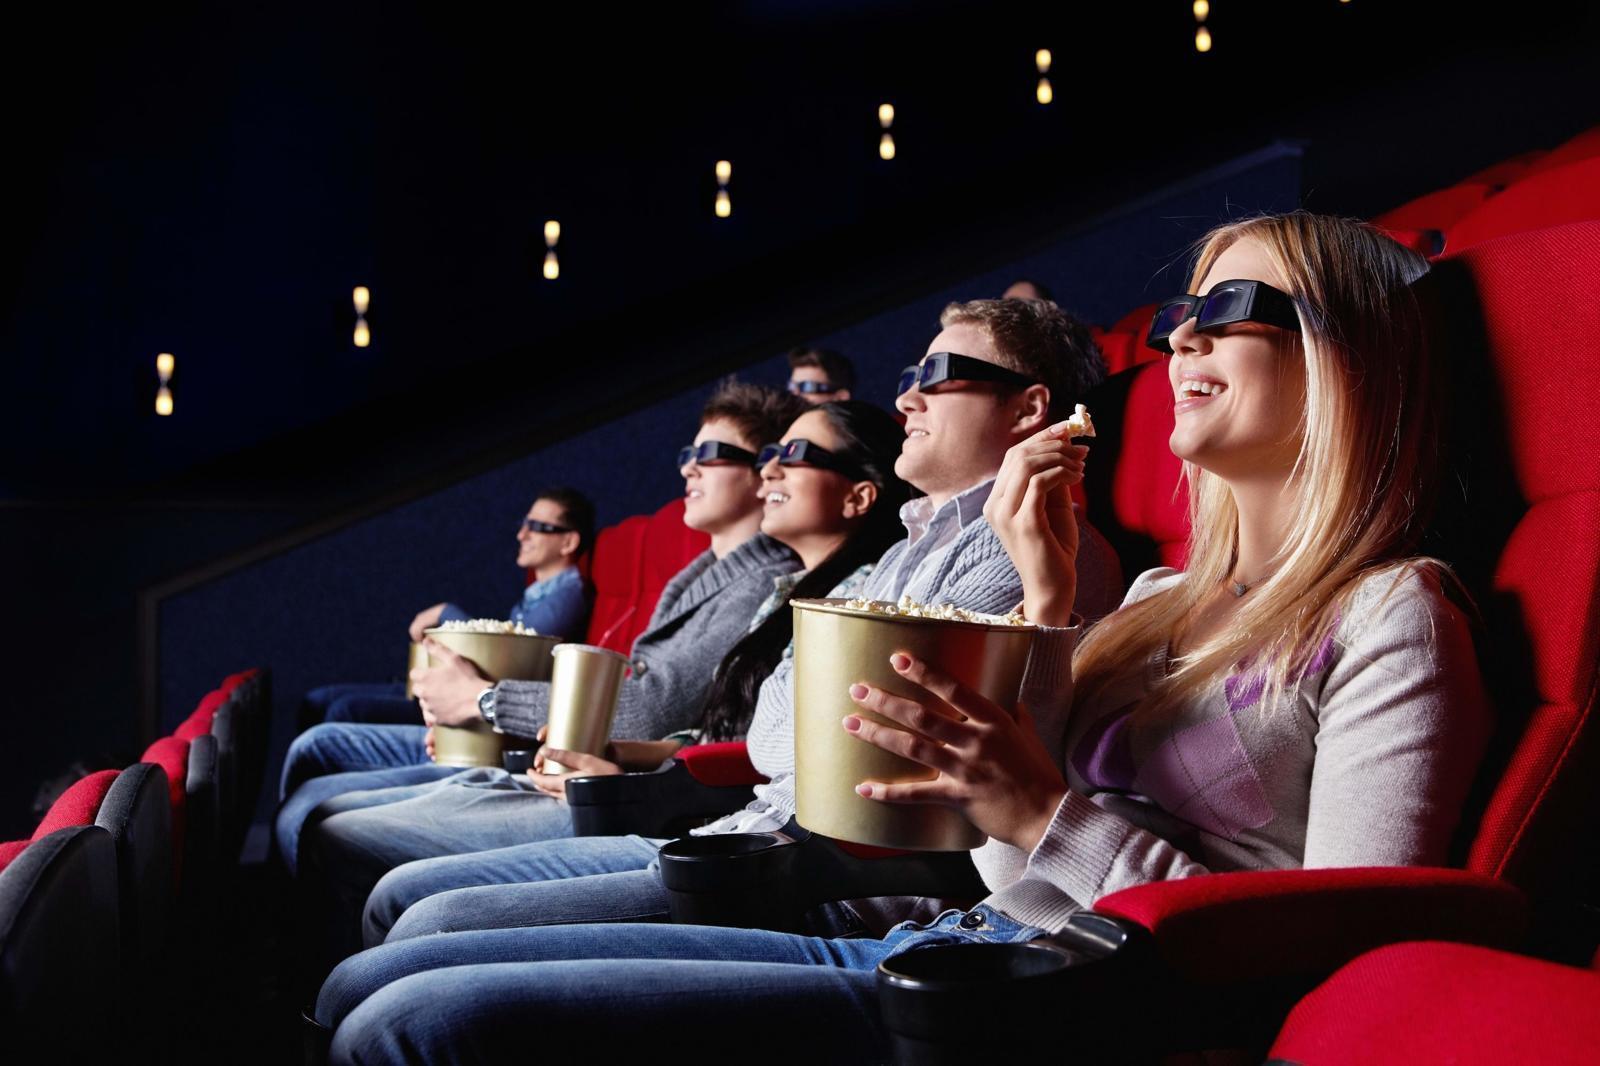 В поселке Красномайский Тверской области открылся современный кинозал